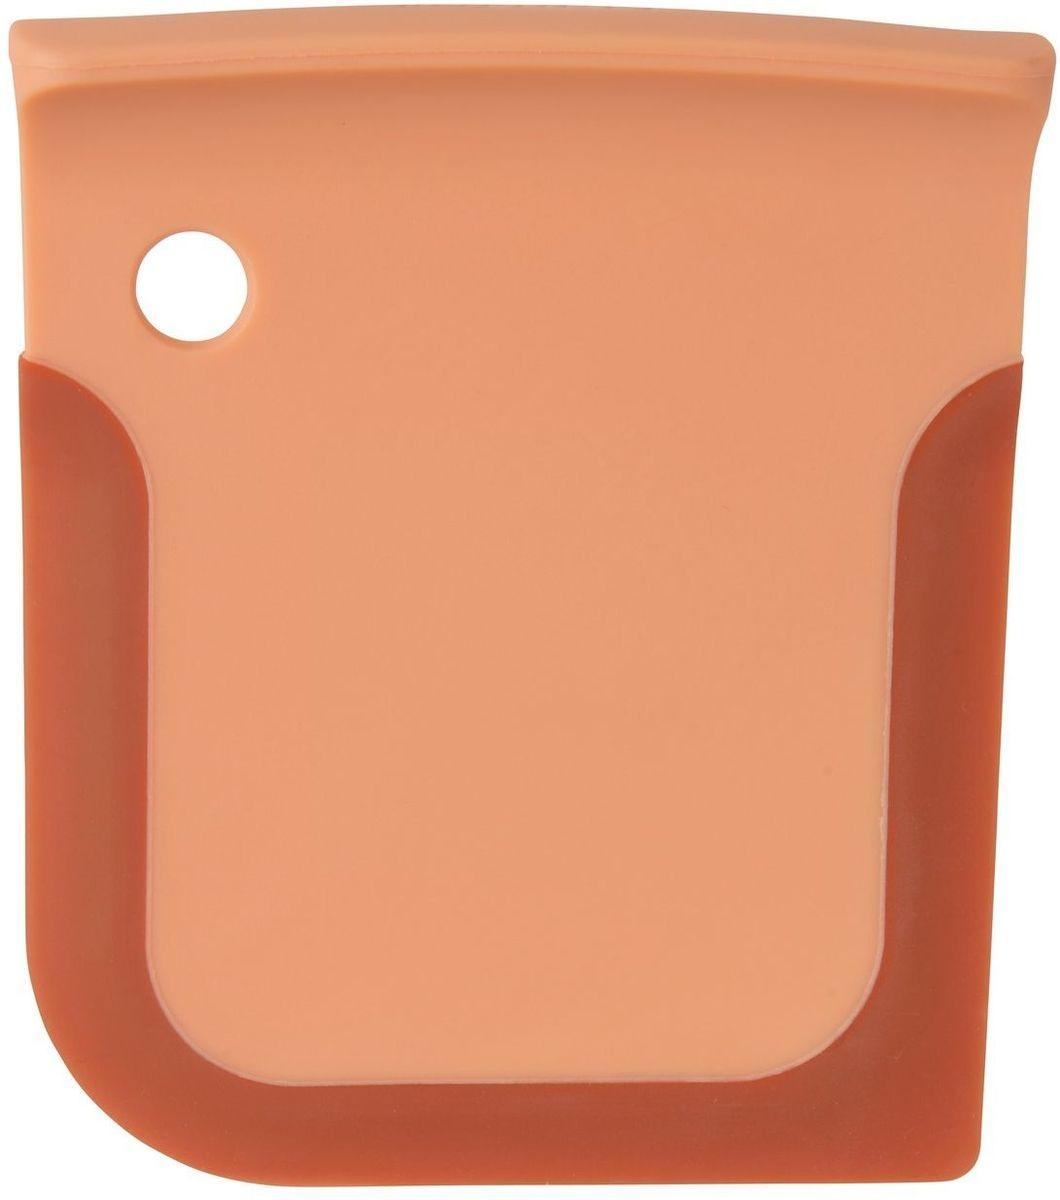 Скребок кухонный BergHOFF Leo, длина 10,5 см54 009312Пропиленовый скребок BergHOFF Leo призван уменьшить беспорядок на рабочем столе и сделать процесс приготовления выпечки более практичным. Гибкие края скребка подойдут для мисок любой формы и размера, а жесткий сердечник обеспечит лучший контроль при смешивании. Также очень удобен для перемешивания теста в миске. Для хранения подвесьте скребок за специальное отверстие.